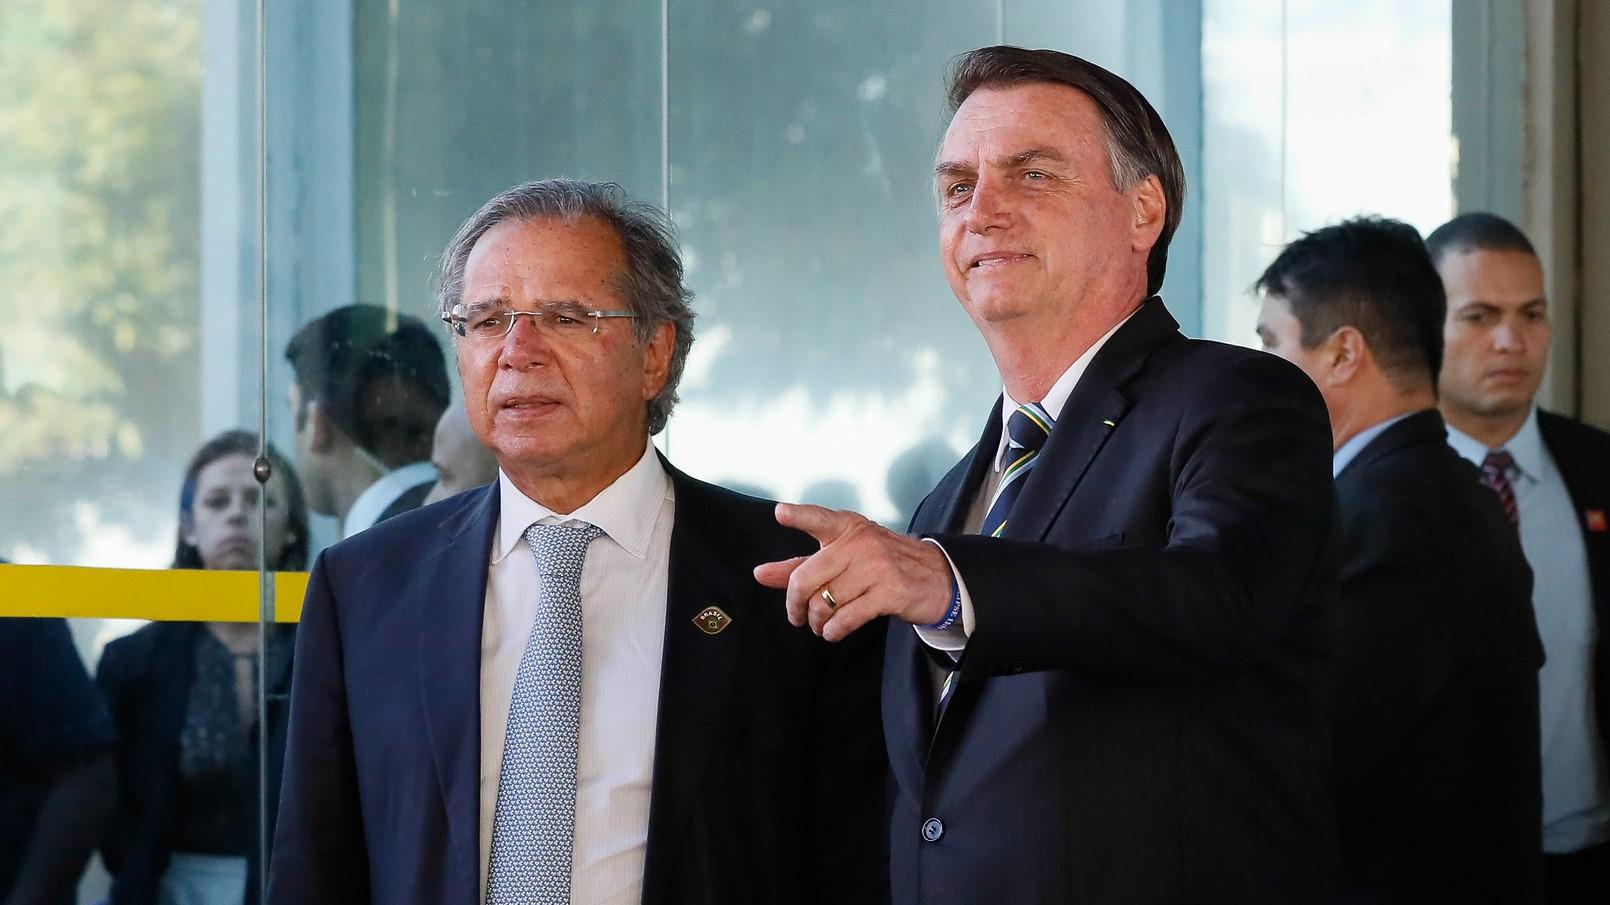 IMAGEM: Guedes diz que o governo tem 'tudo preparado' para a 'retomada do crescimento'